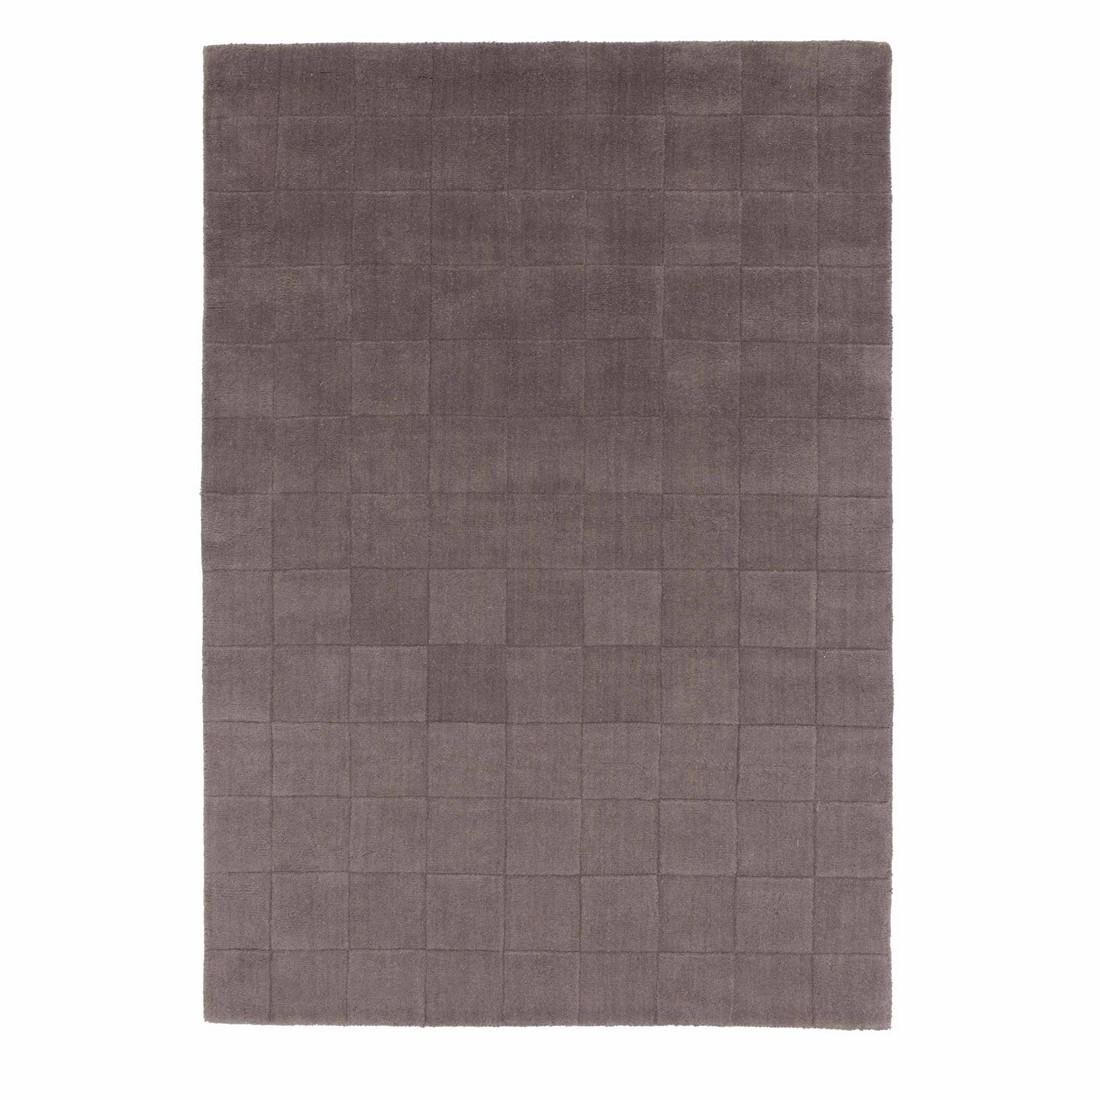 Teppich Ronde – Schurwolle – Hellgrau – 300×200, Urbanara online kaufen